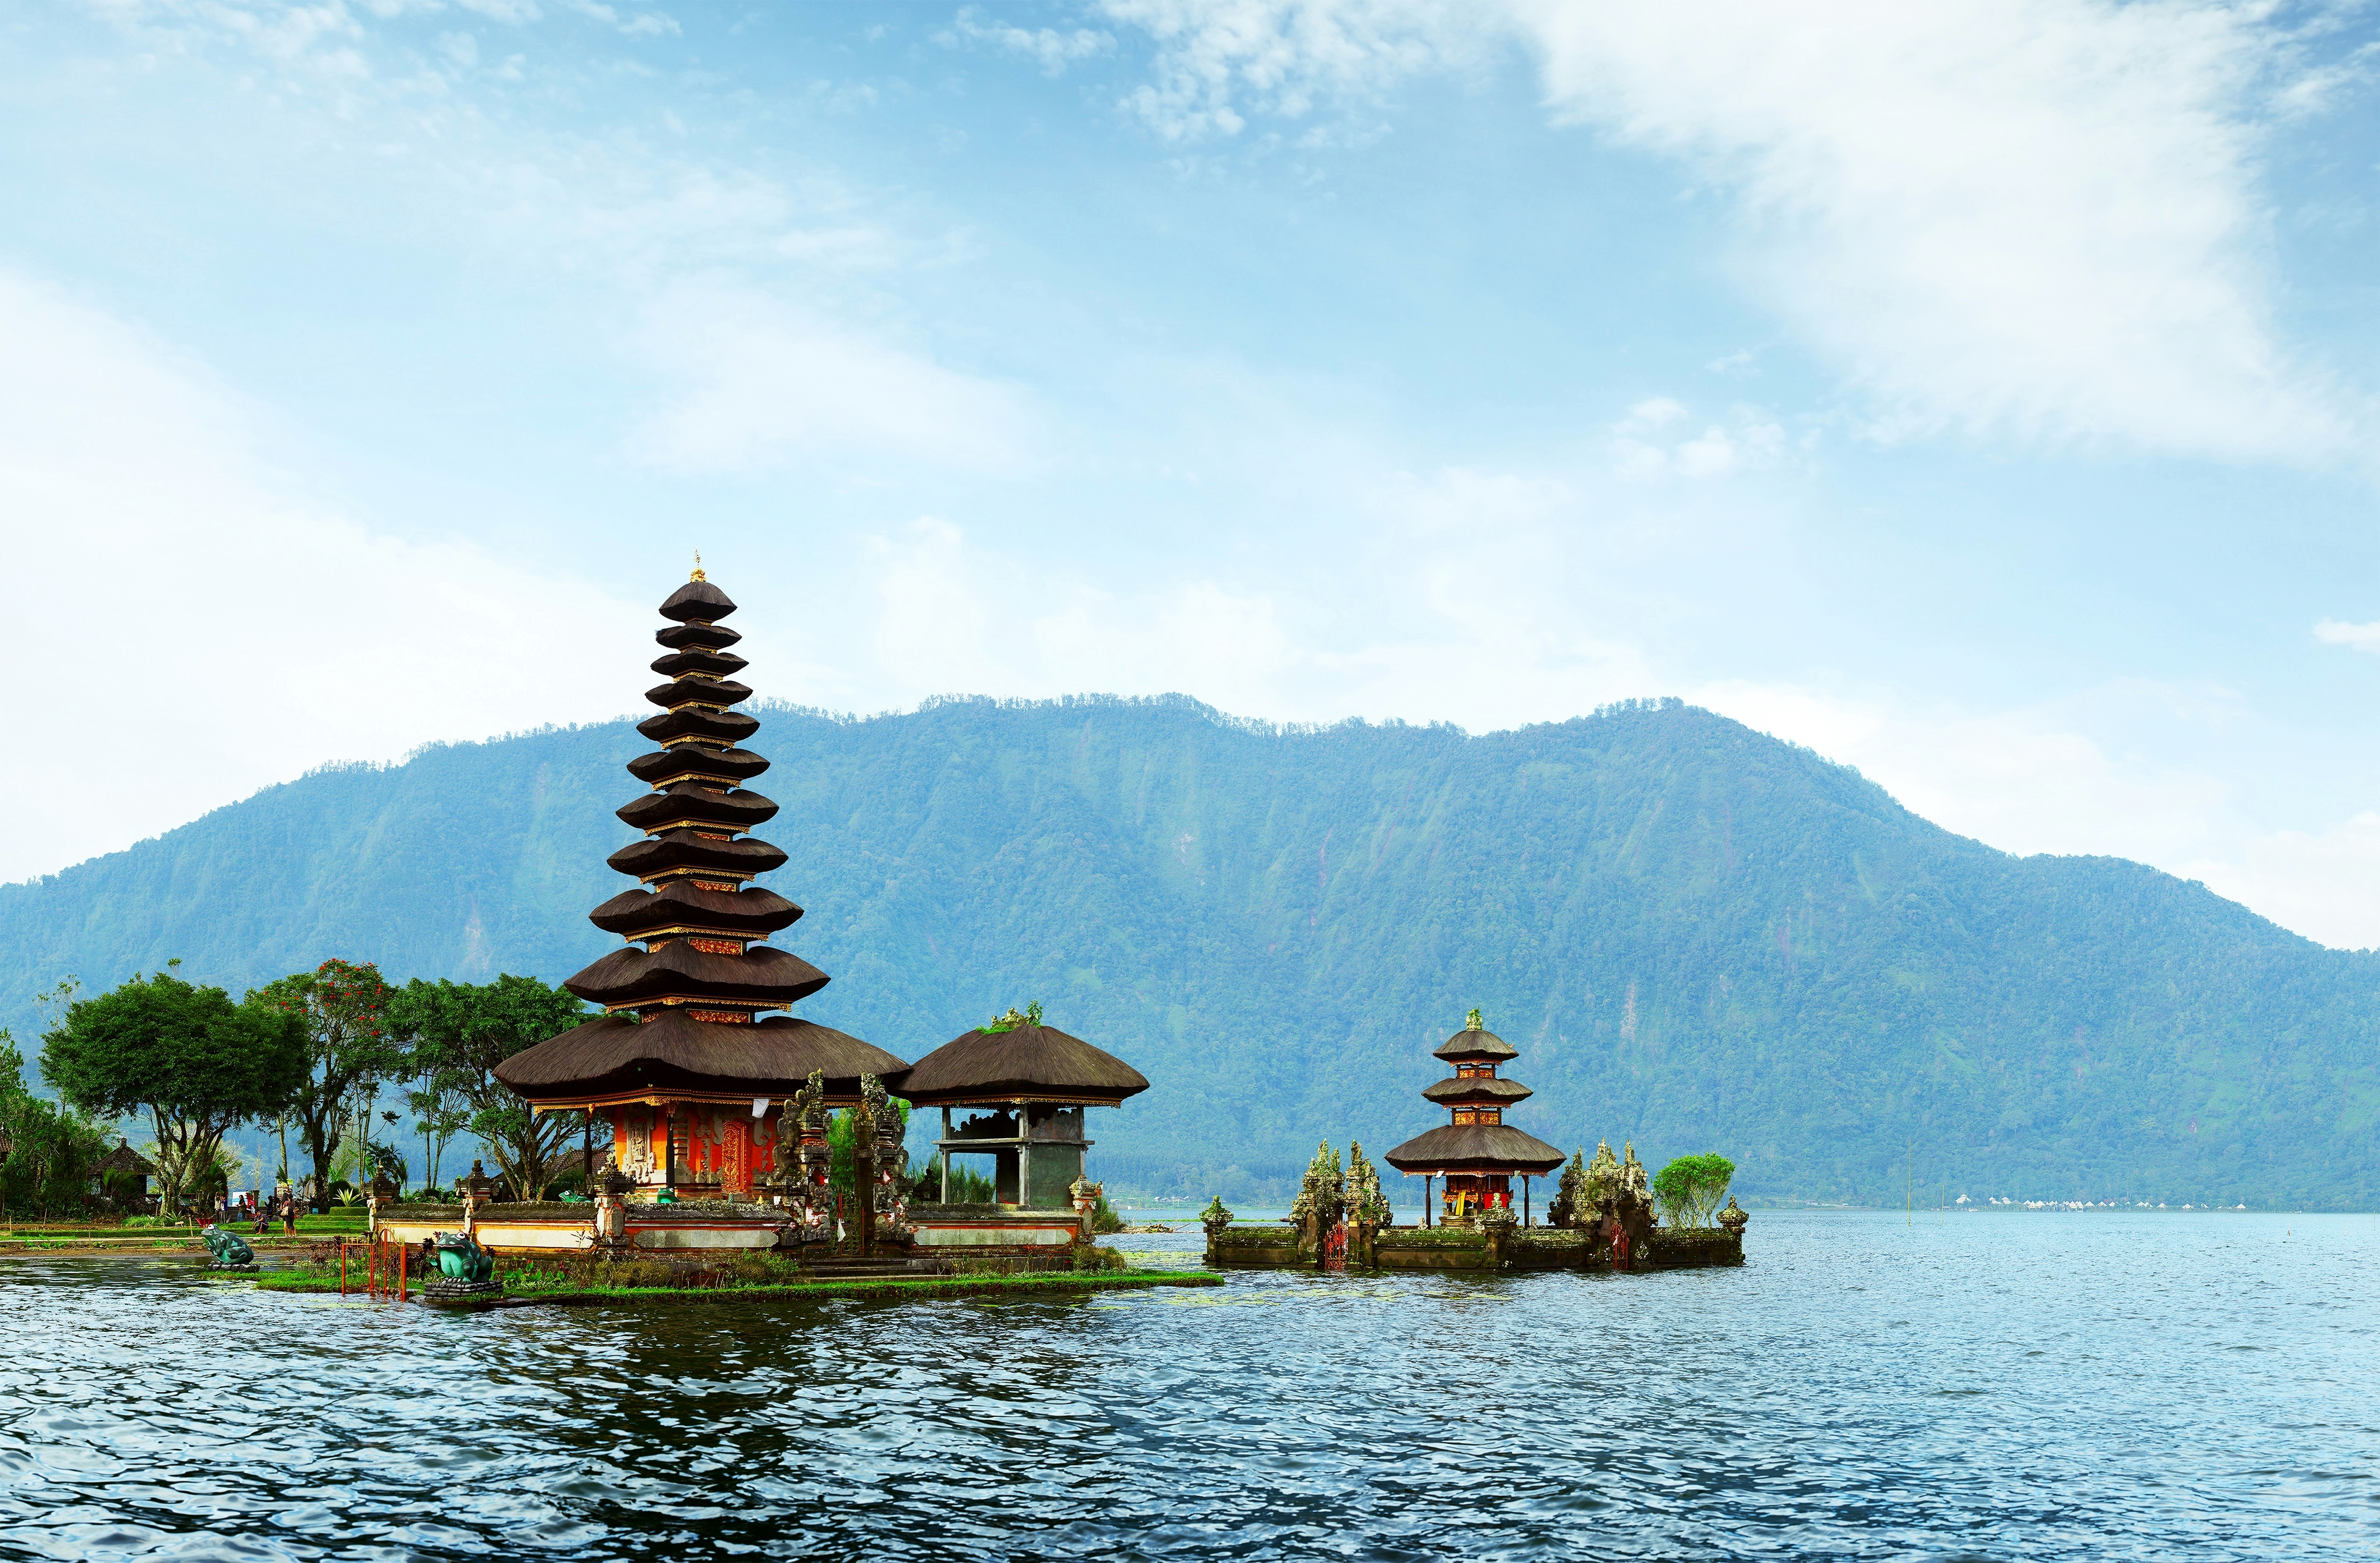 ปีใหม่-ทัวร์อินโดนีเซีย-Wonderful-!!-อินโดนีเซีย-บาหลี-4วัน-3คืน-(OCT18-FEB19)(TG)-TG002